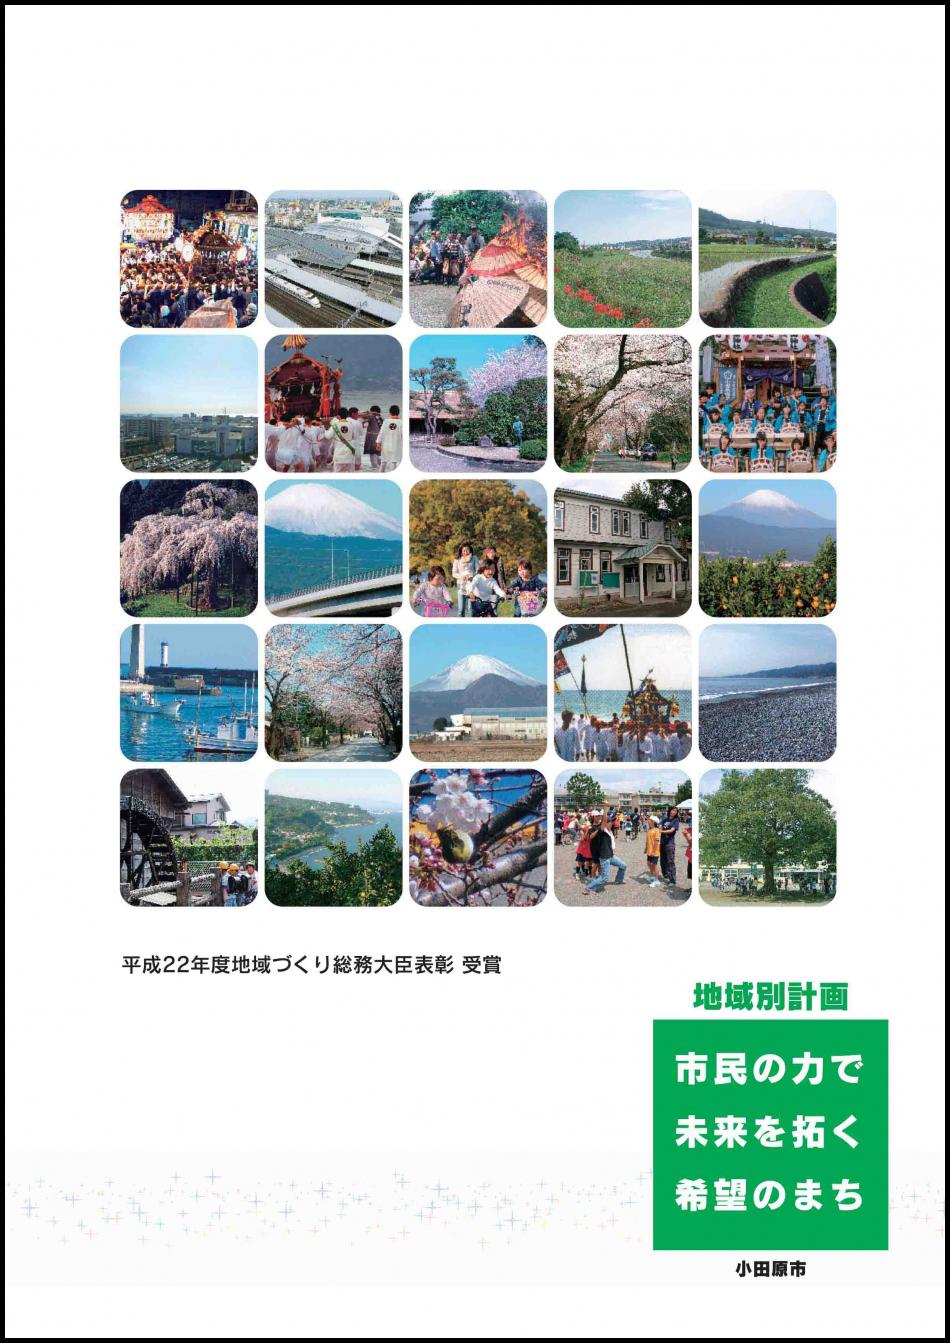 地域別計画(平成22年度策定)